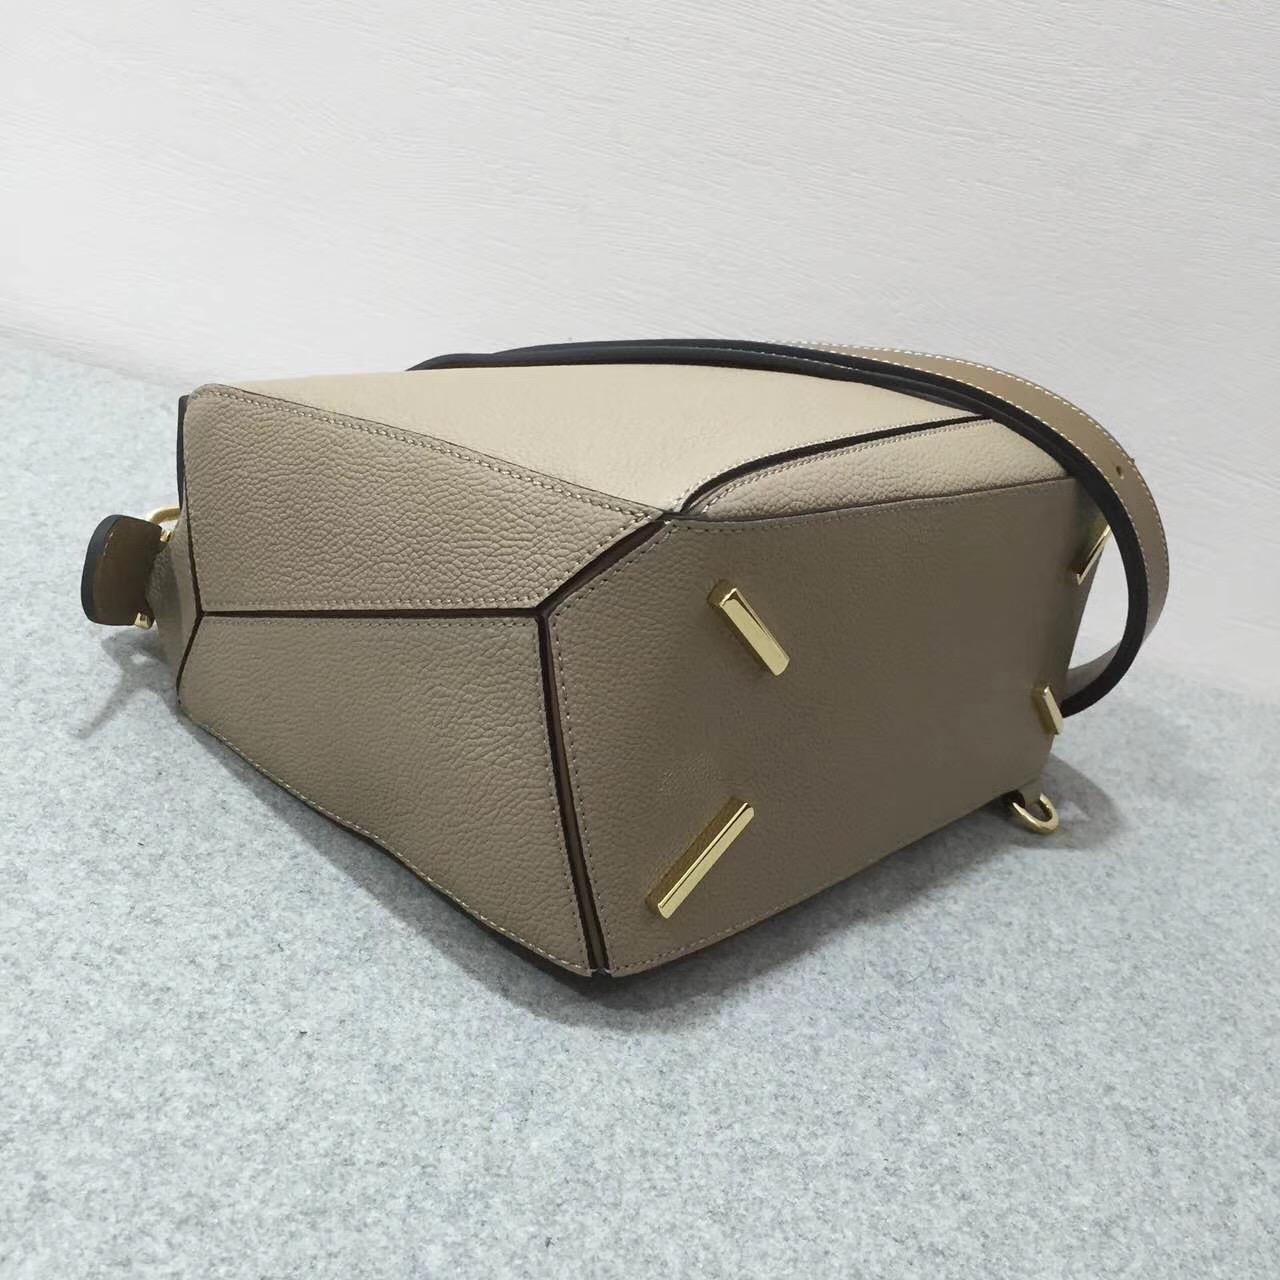 羅意威包包官網 Loewe 中號Puzzle Bag Sand/Mink Colour / Jonathan Anderson